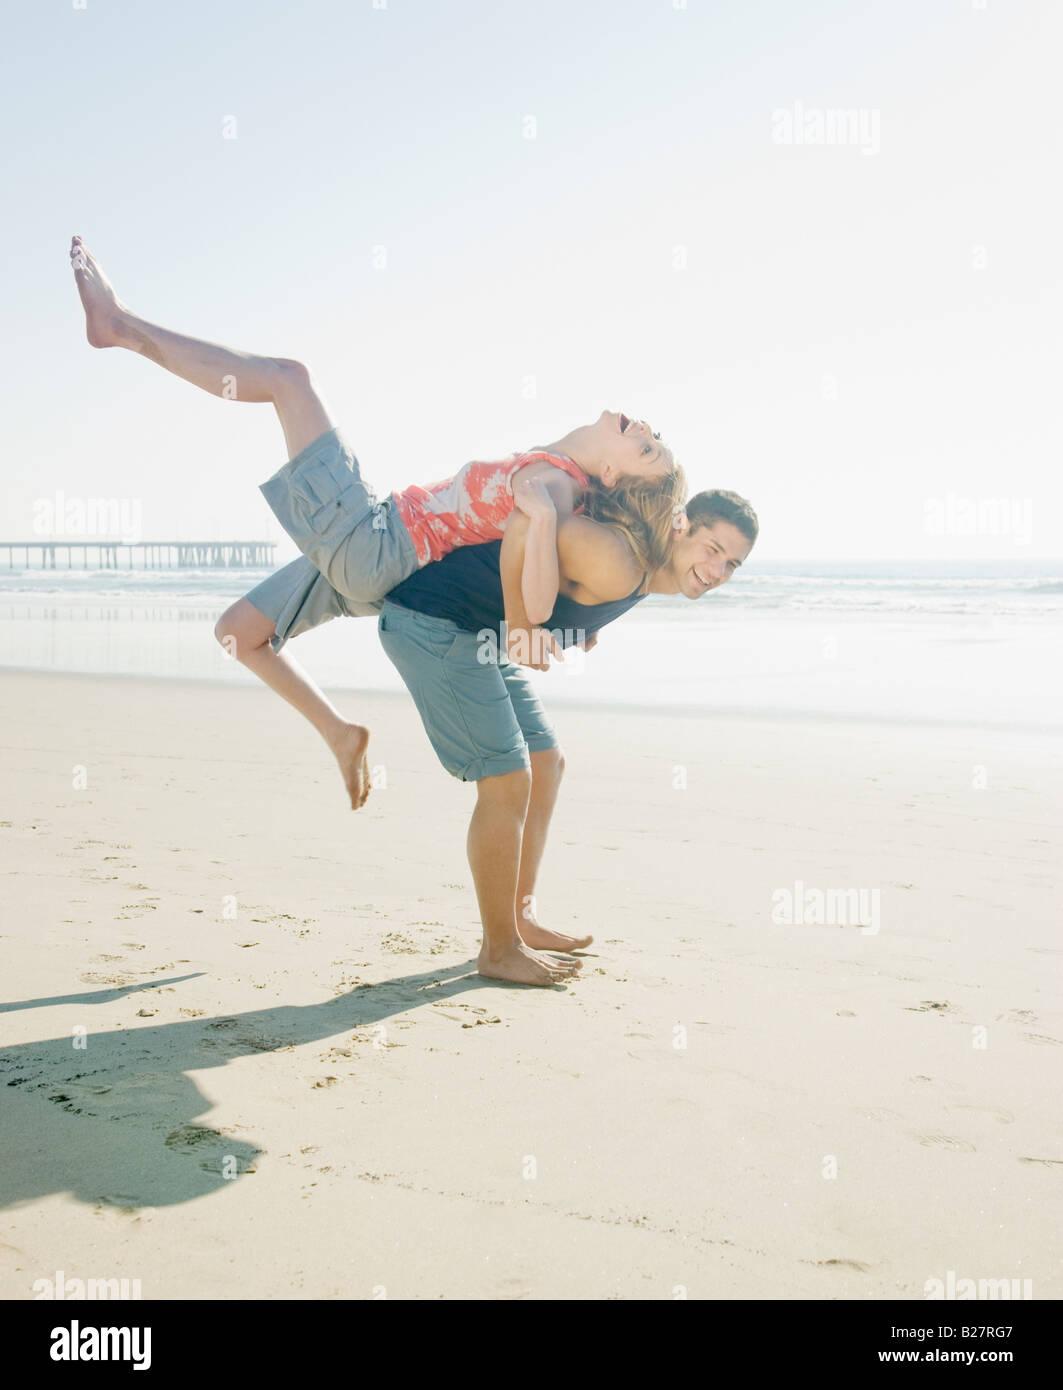 Giovane giocando sulla spiaggia Immagini Stock